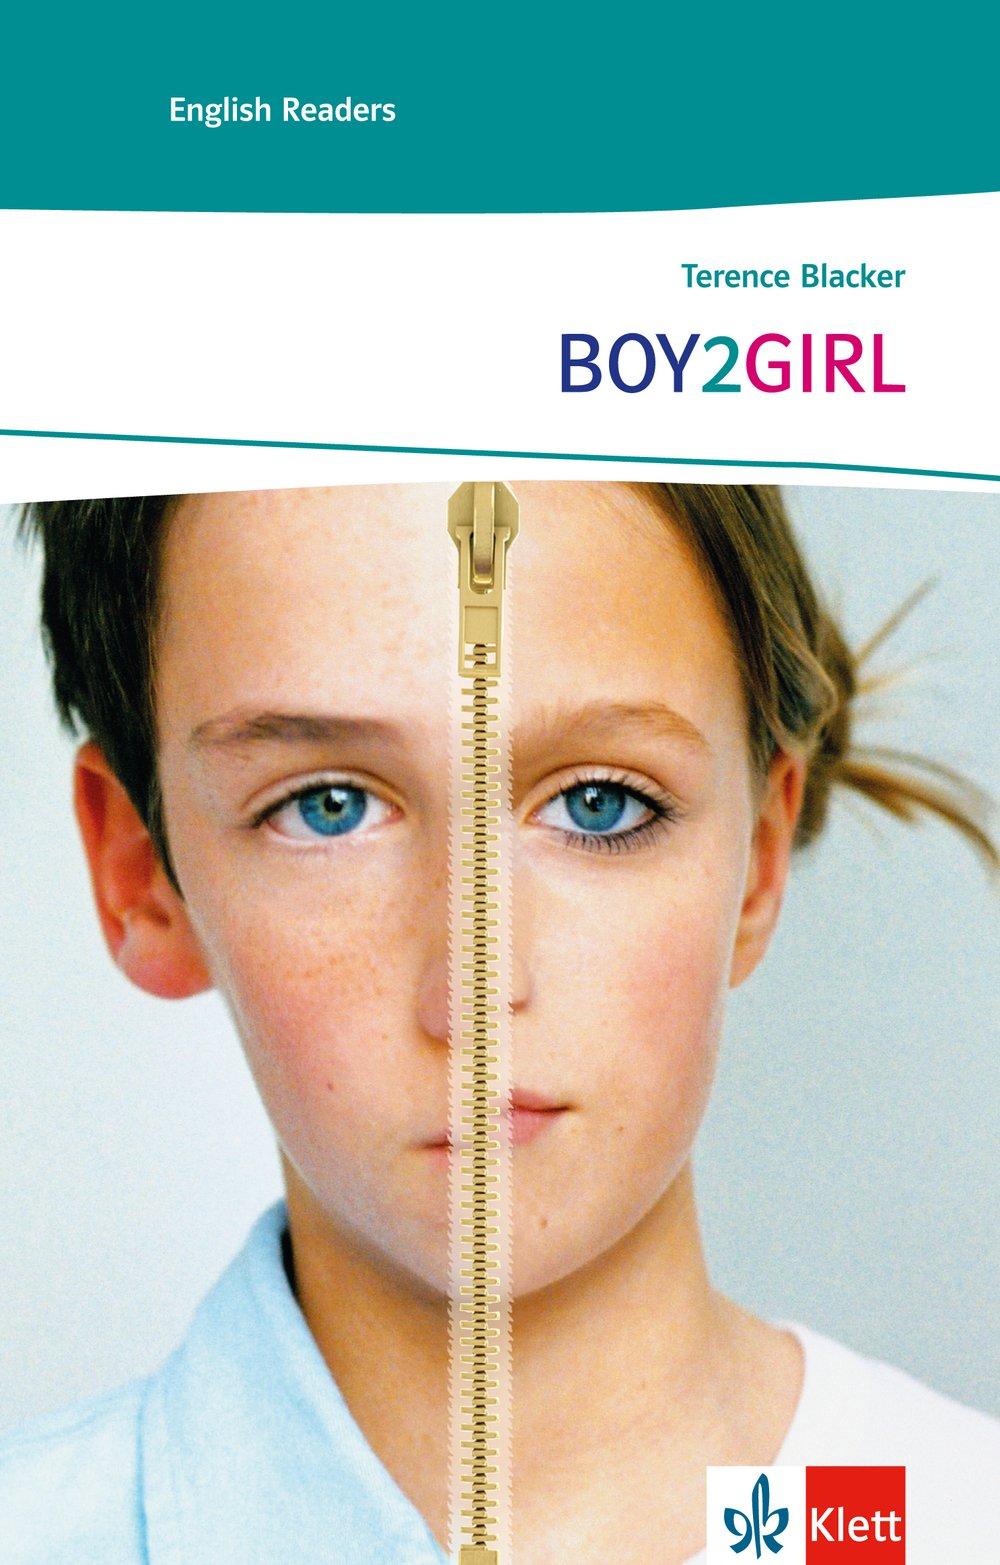 BOY2GIRL: Schulausgabe für das Niveau A2, ab dem 3. Lernjahr. Ungekürzter englischer Originaltext mit Annotationen (Klett English Readers)